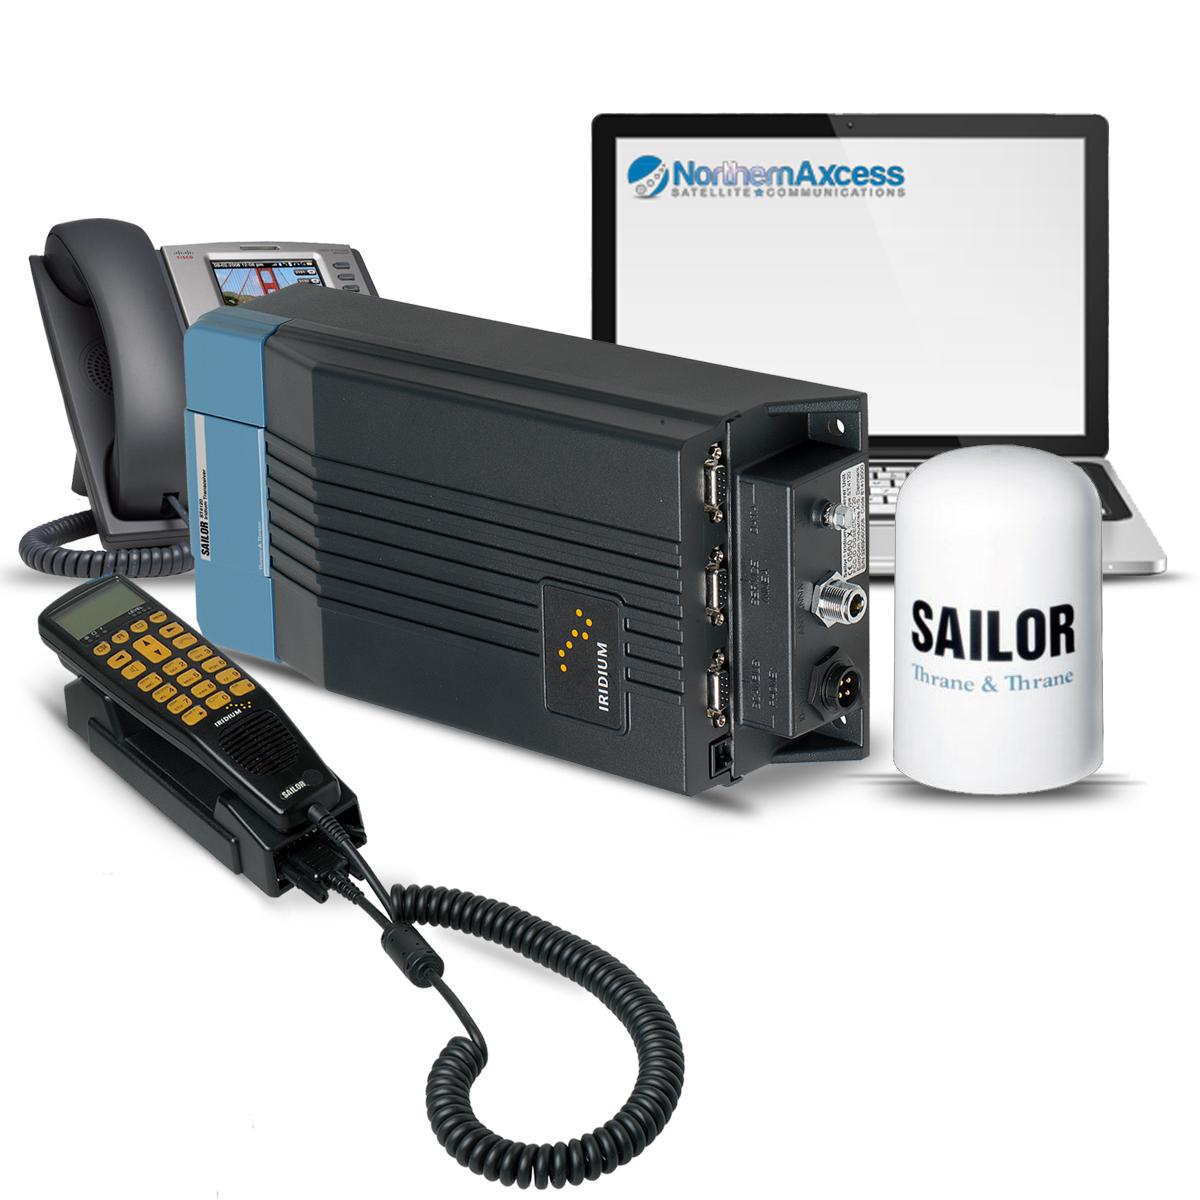 sailor-sc4000-iridium-fixed-terminal-with-laptop-handset-pbx.jpg